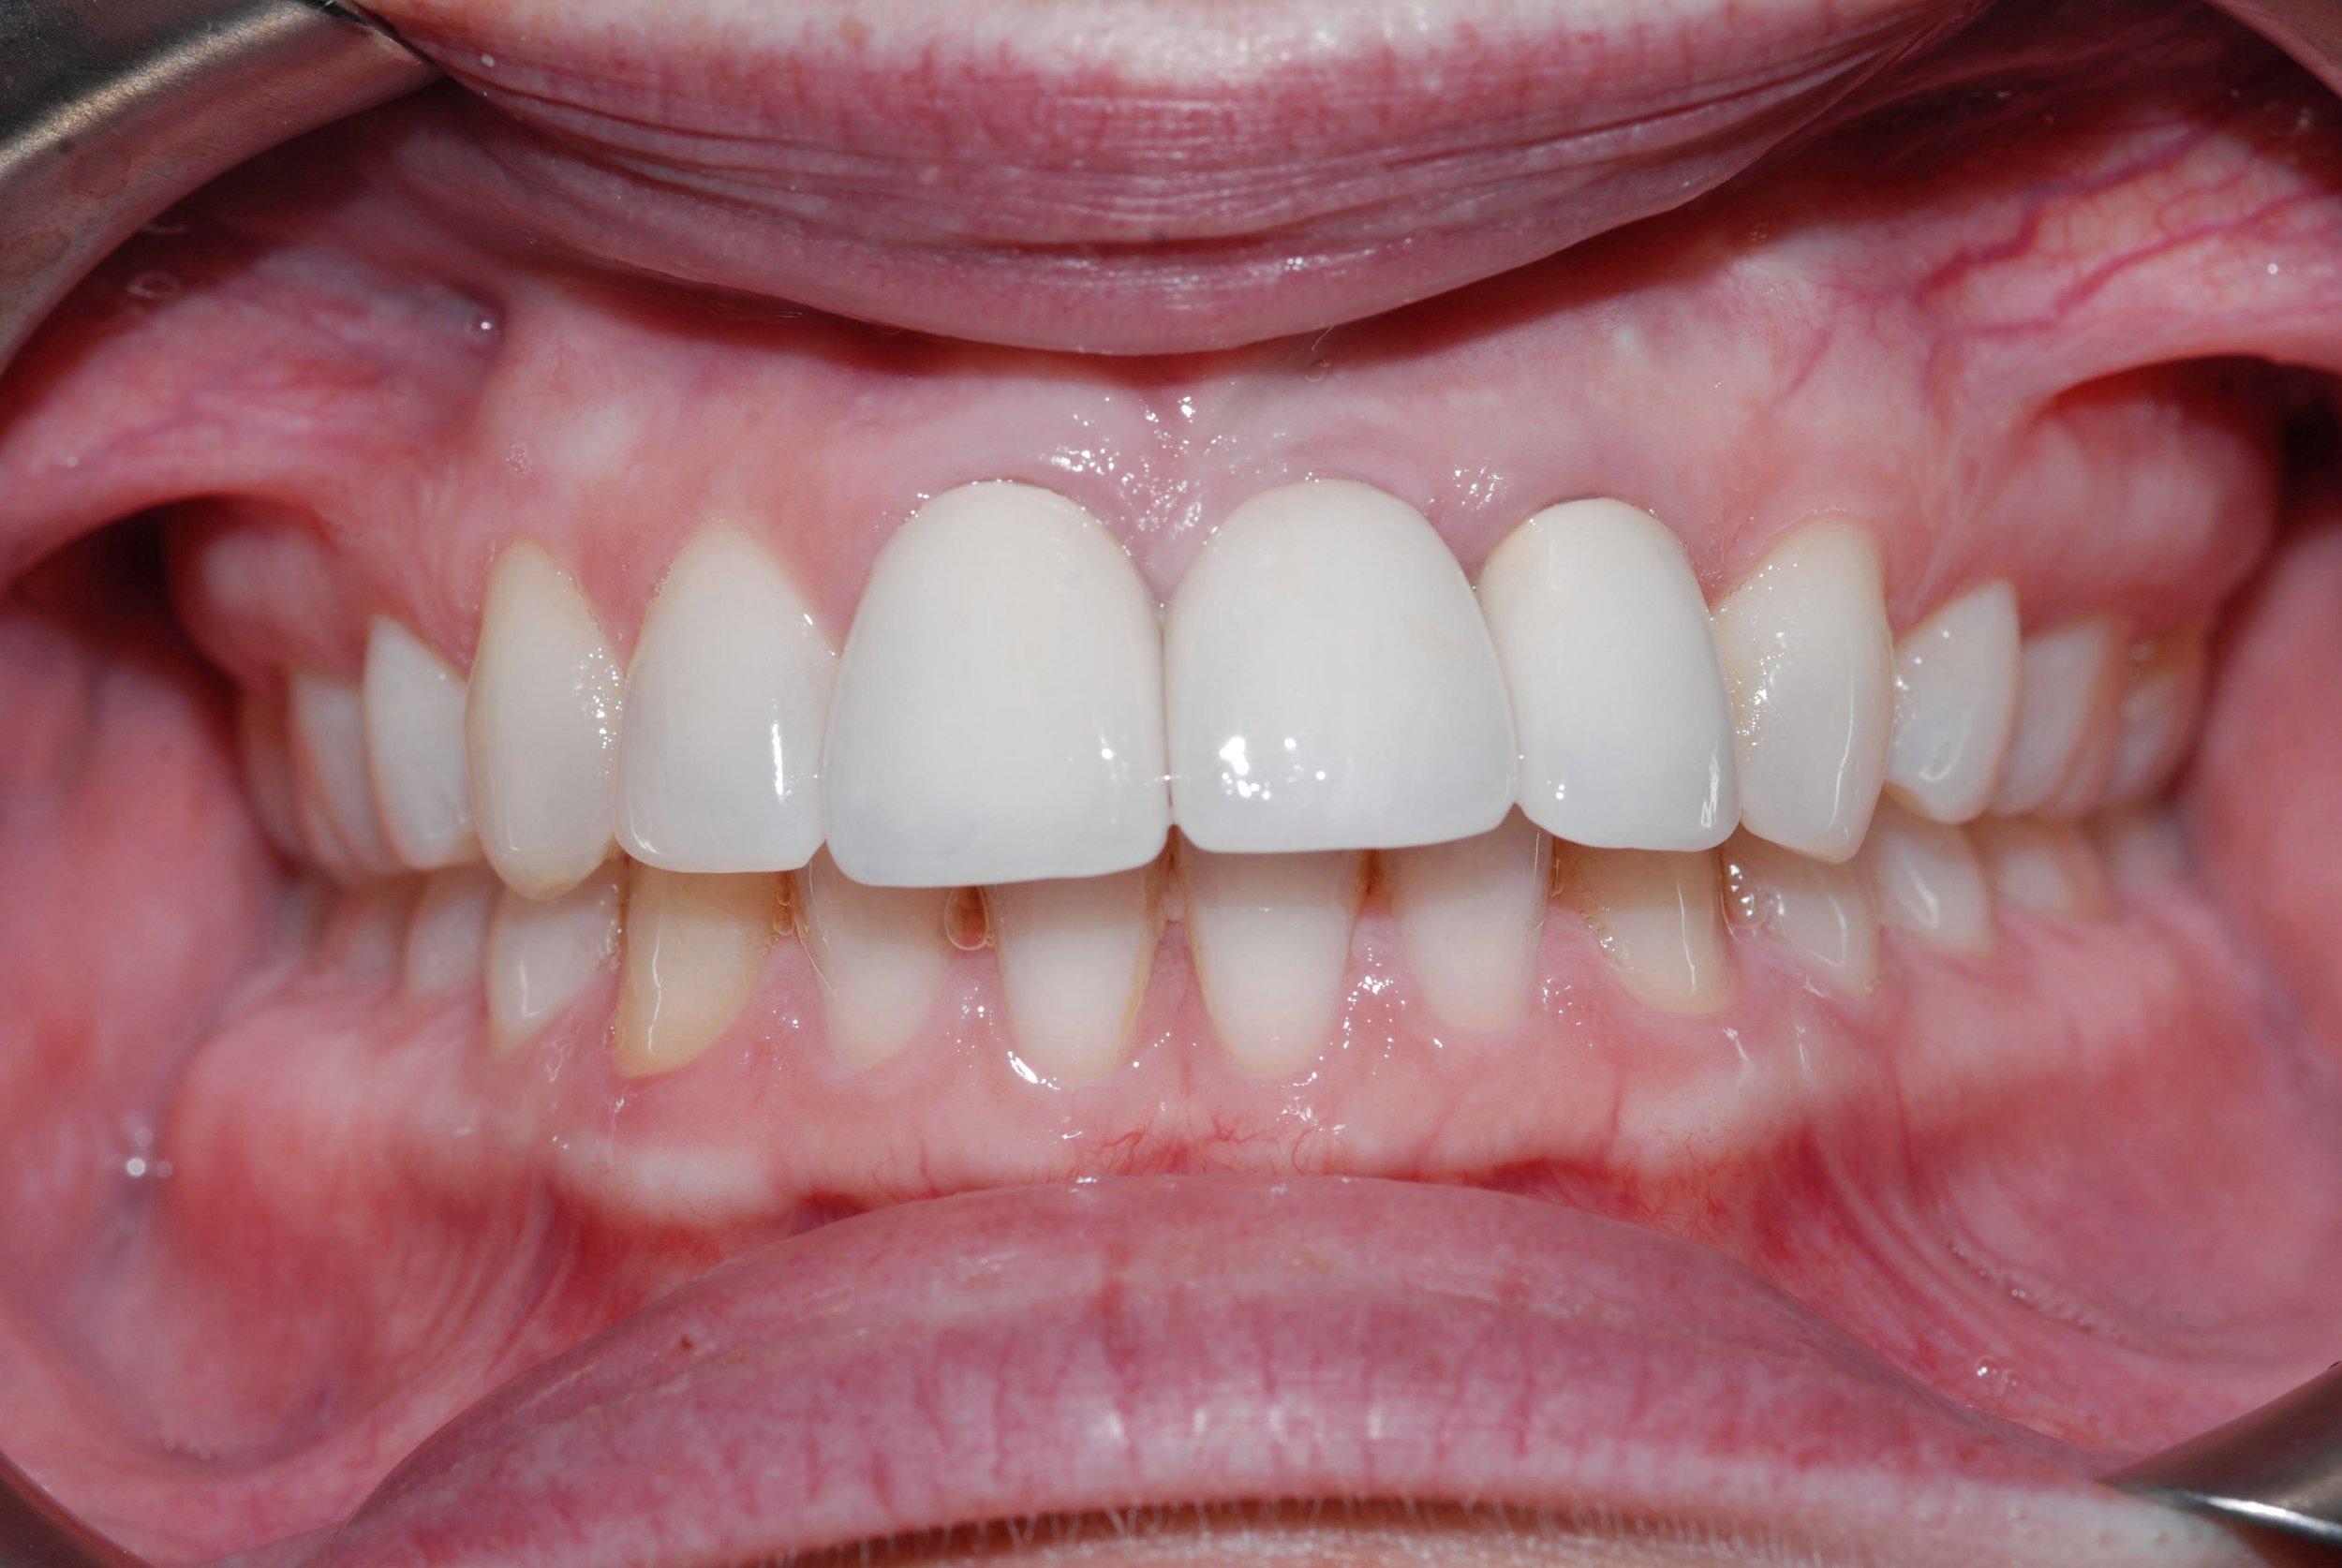 redmond-implants-after-belred-dentists.JPG